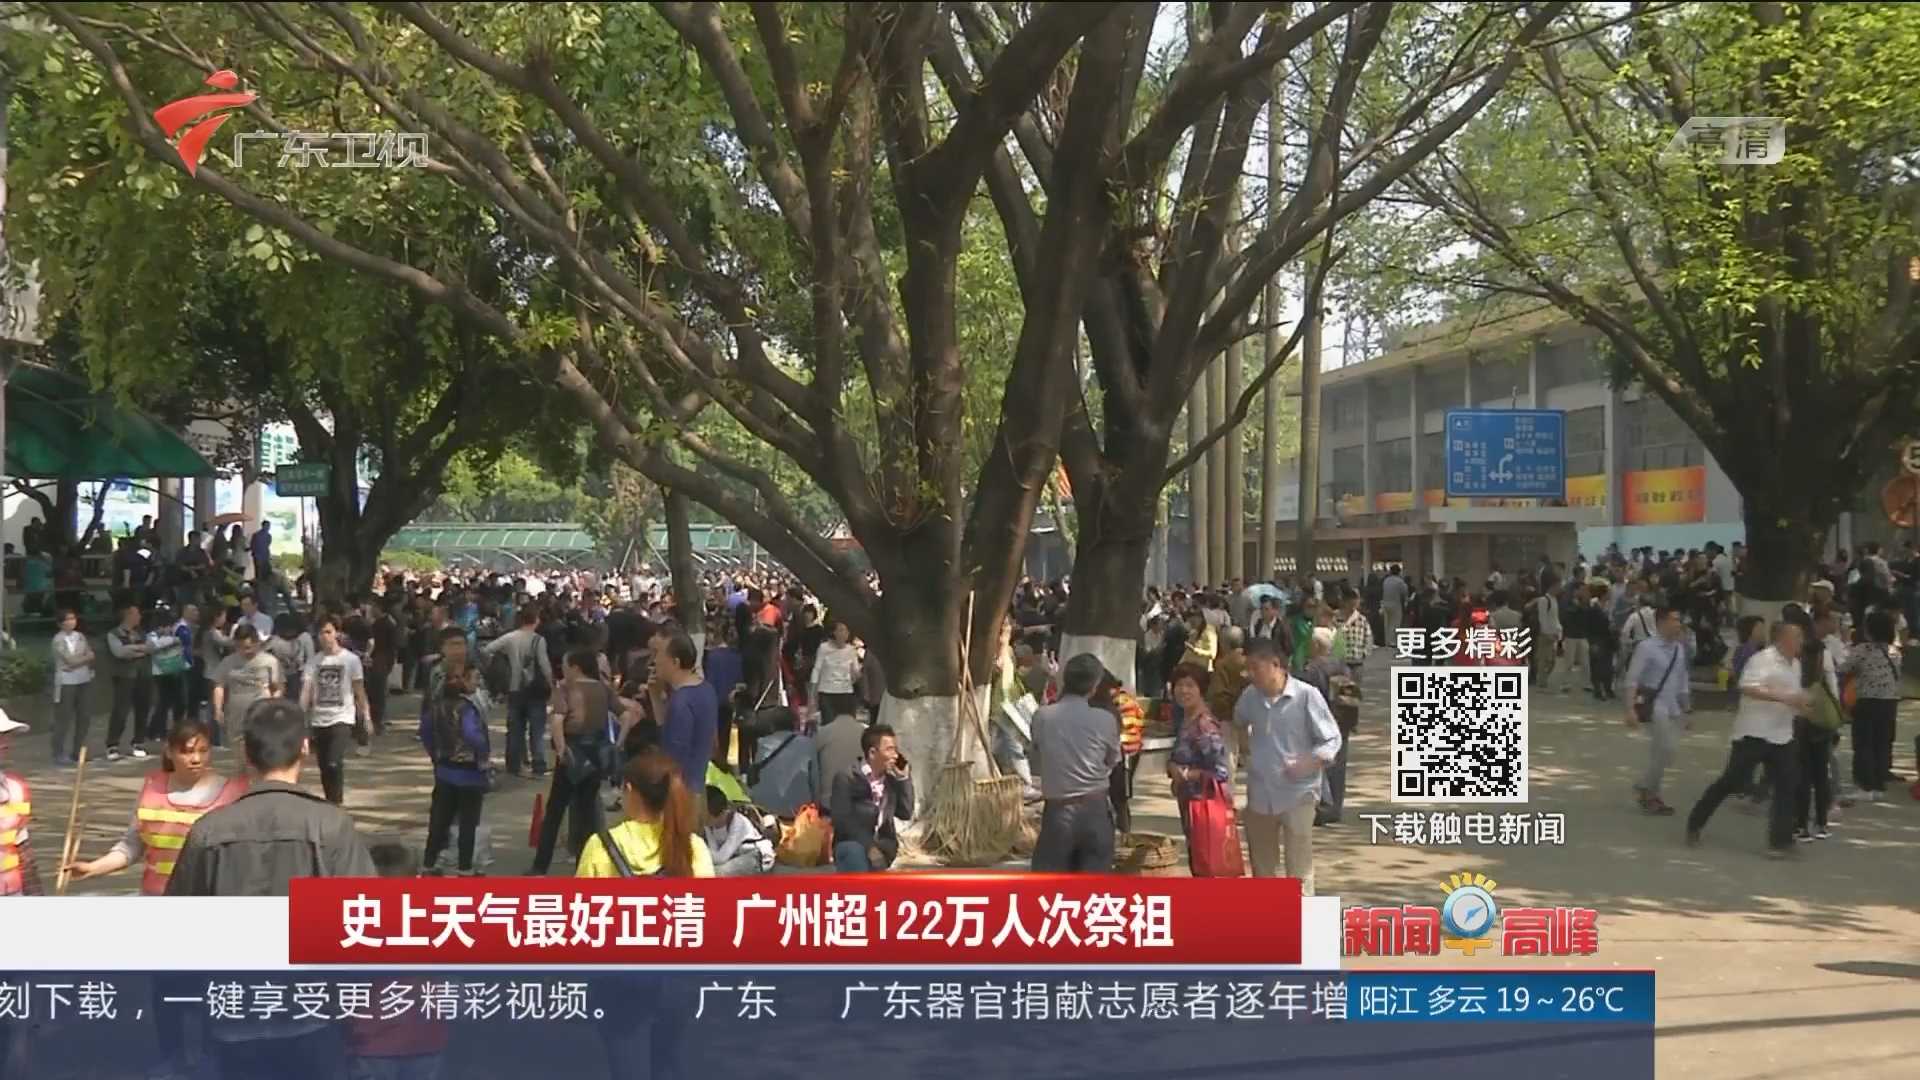 史上天气最好正清 广州超122万人次祭祖